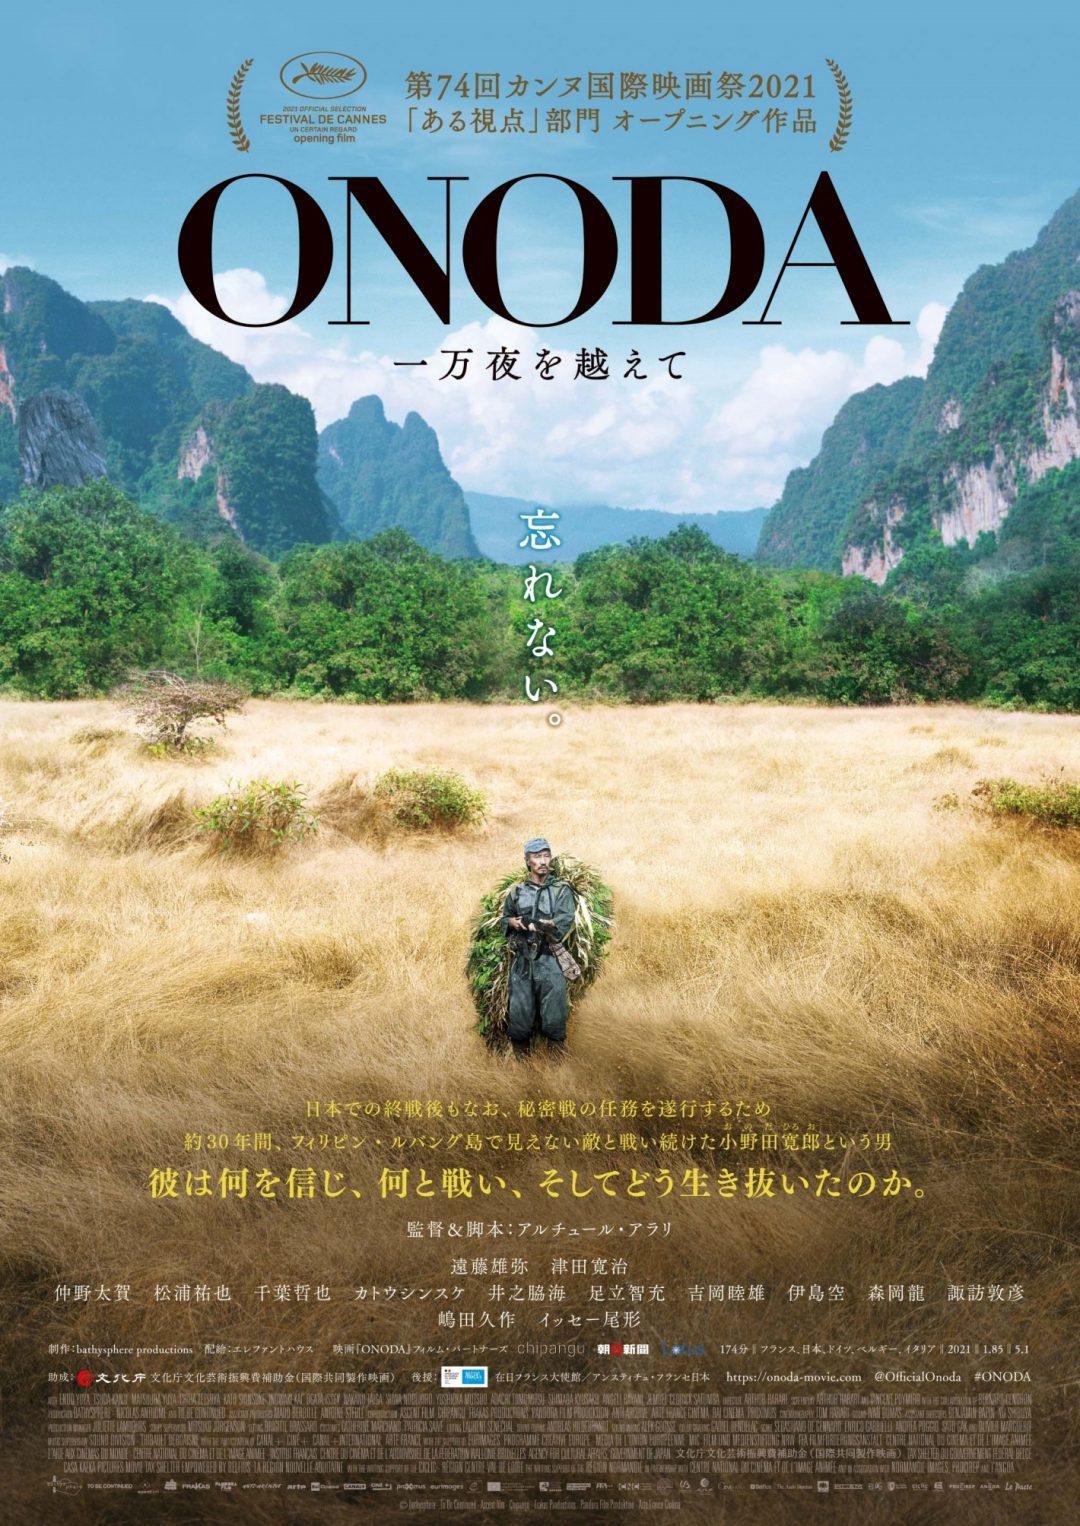 フランス大使館で公開直前記者発表会を開催 映画『ONODA 一万夜を越えて』特報映像第2弾も公開